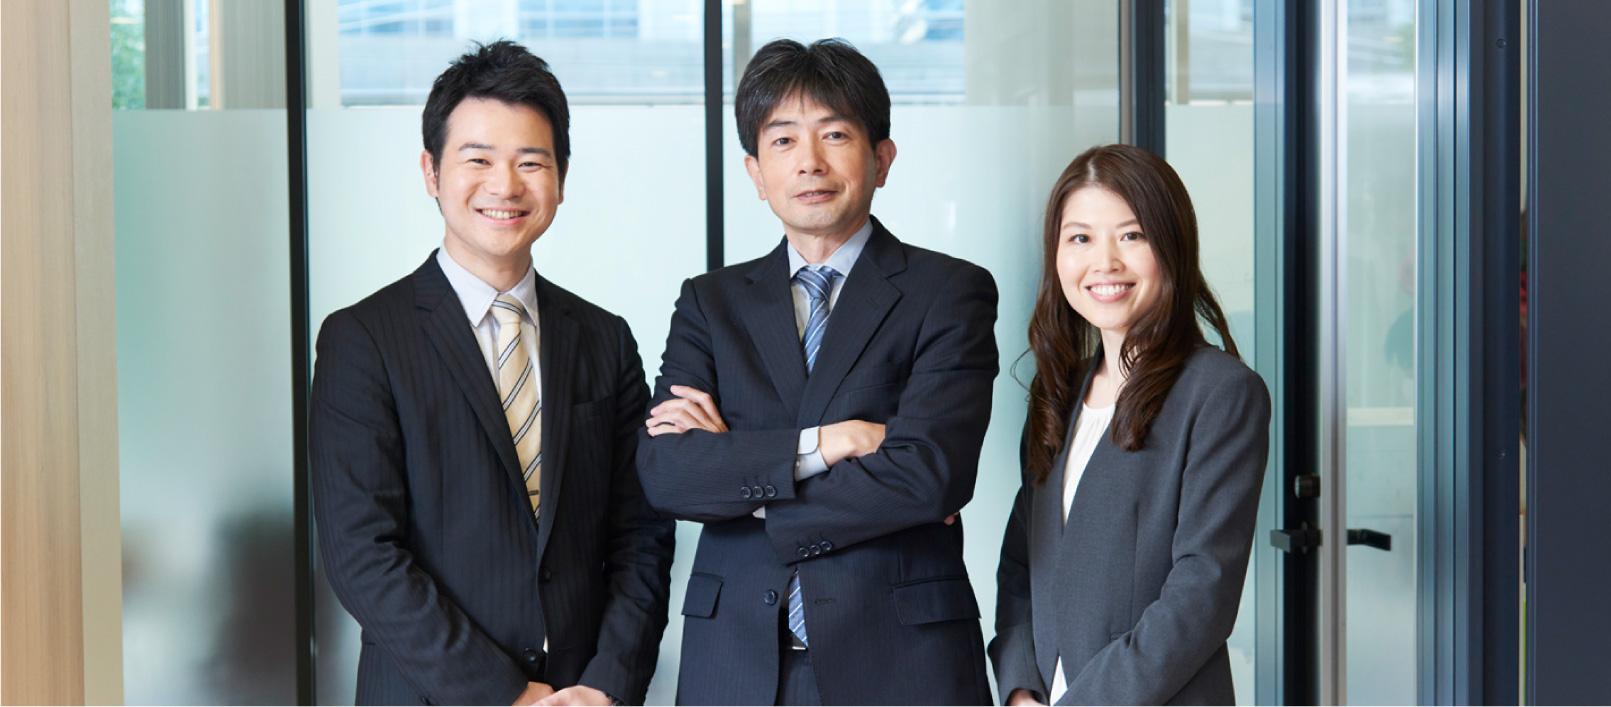 左:司法書士 遠藤 広、中央:司法書士 森川 英太、右:司法書士 辻 美沙樹